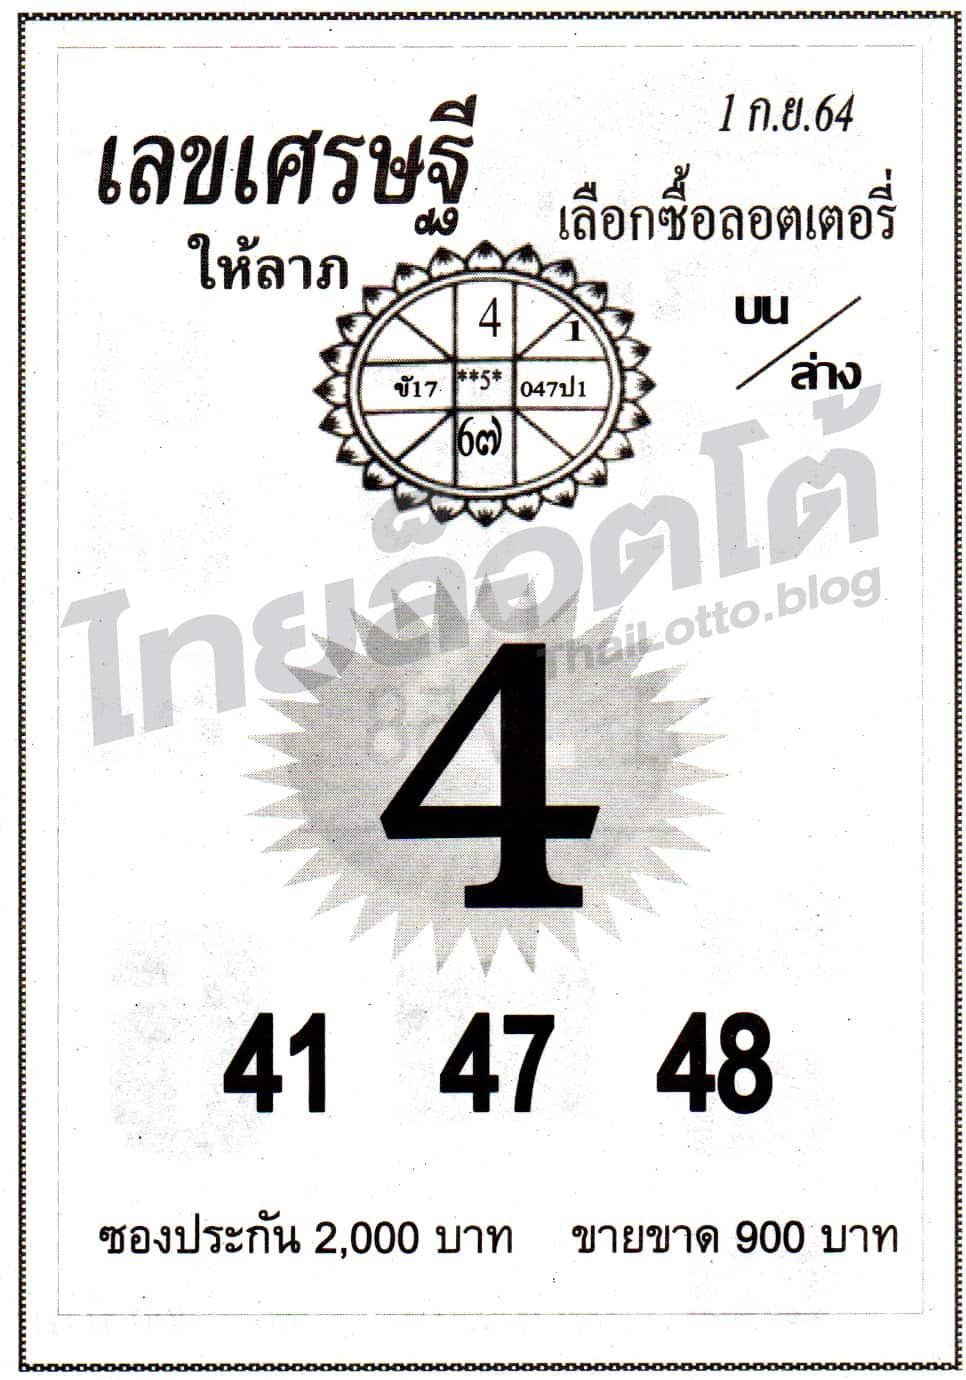 หวยซอง หวยเลขเศรษฐีให้ลาภ-010964